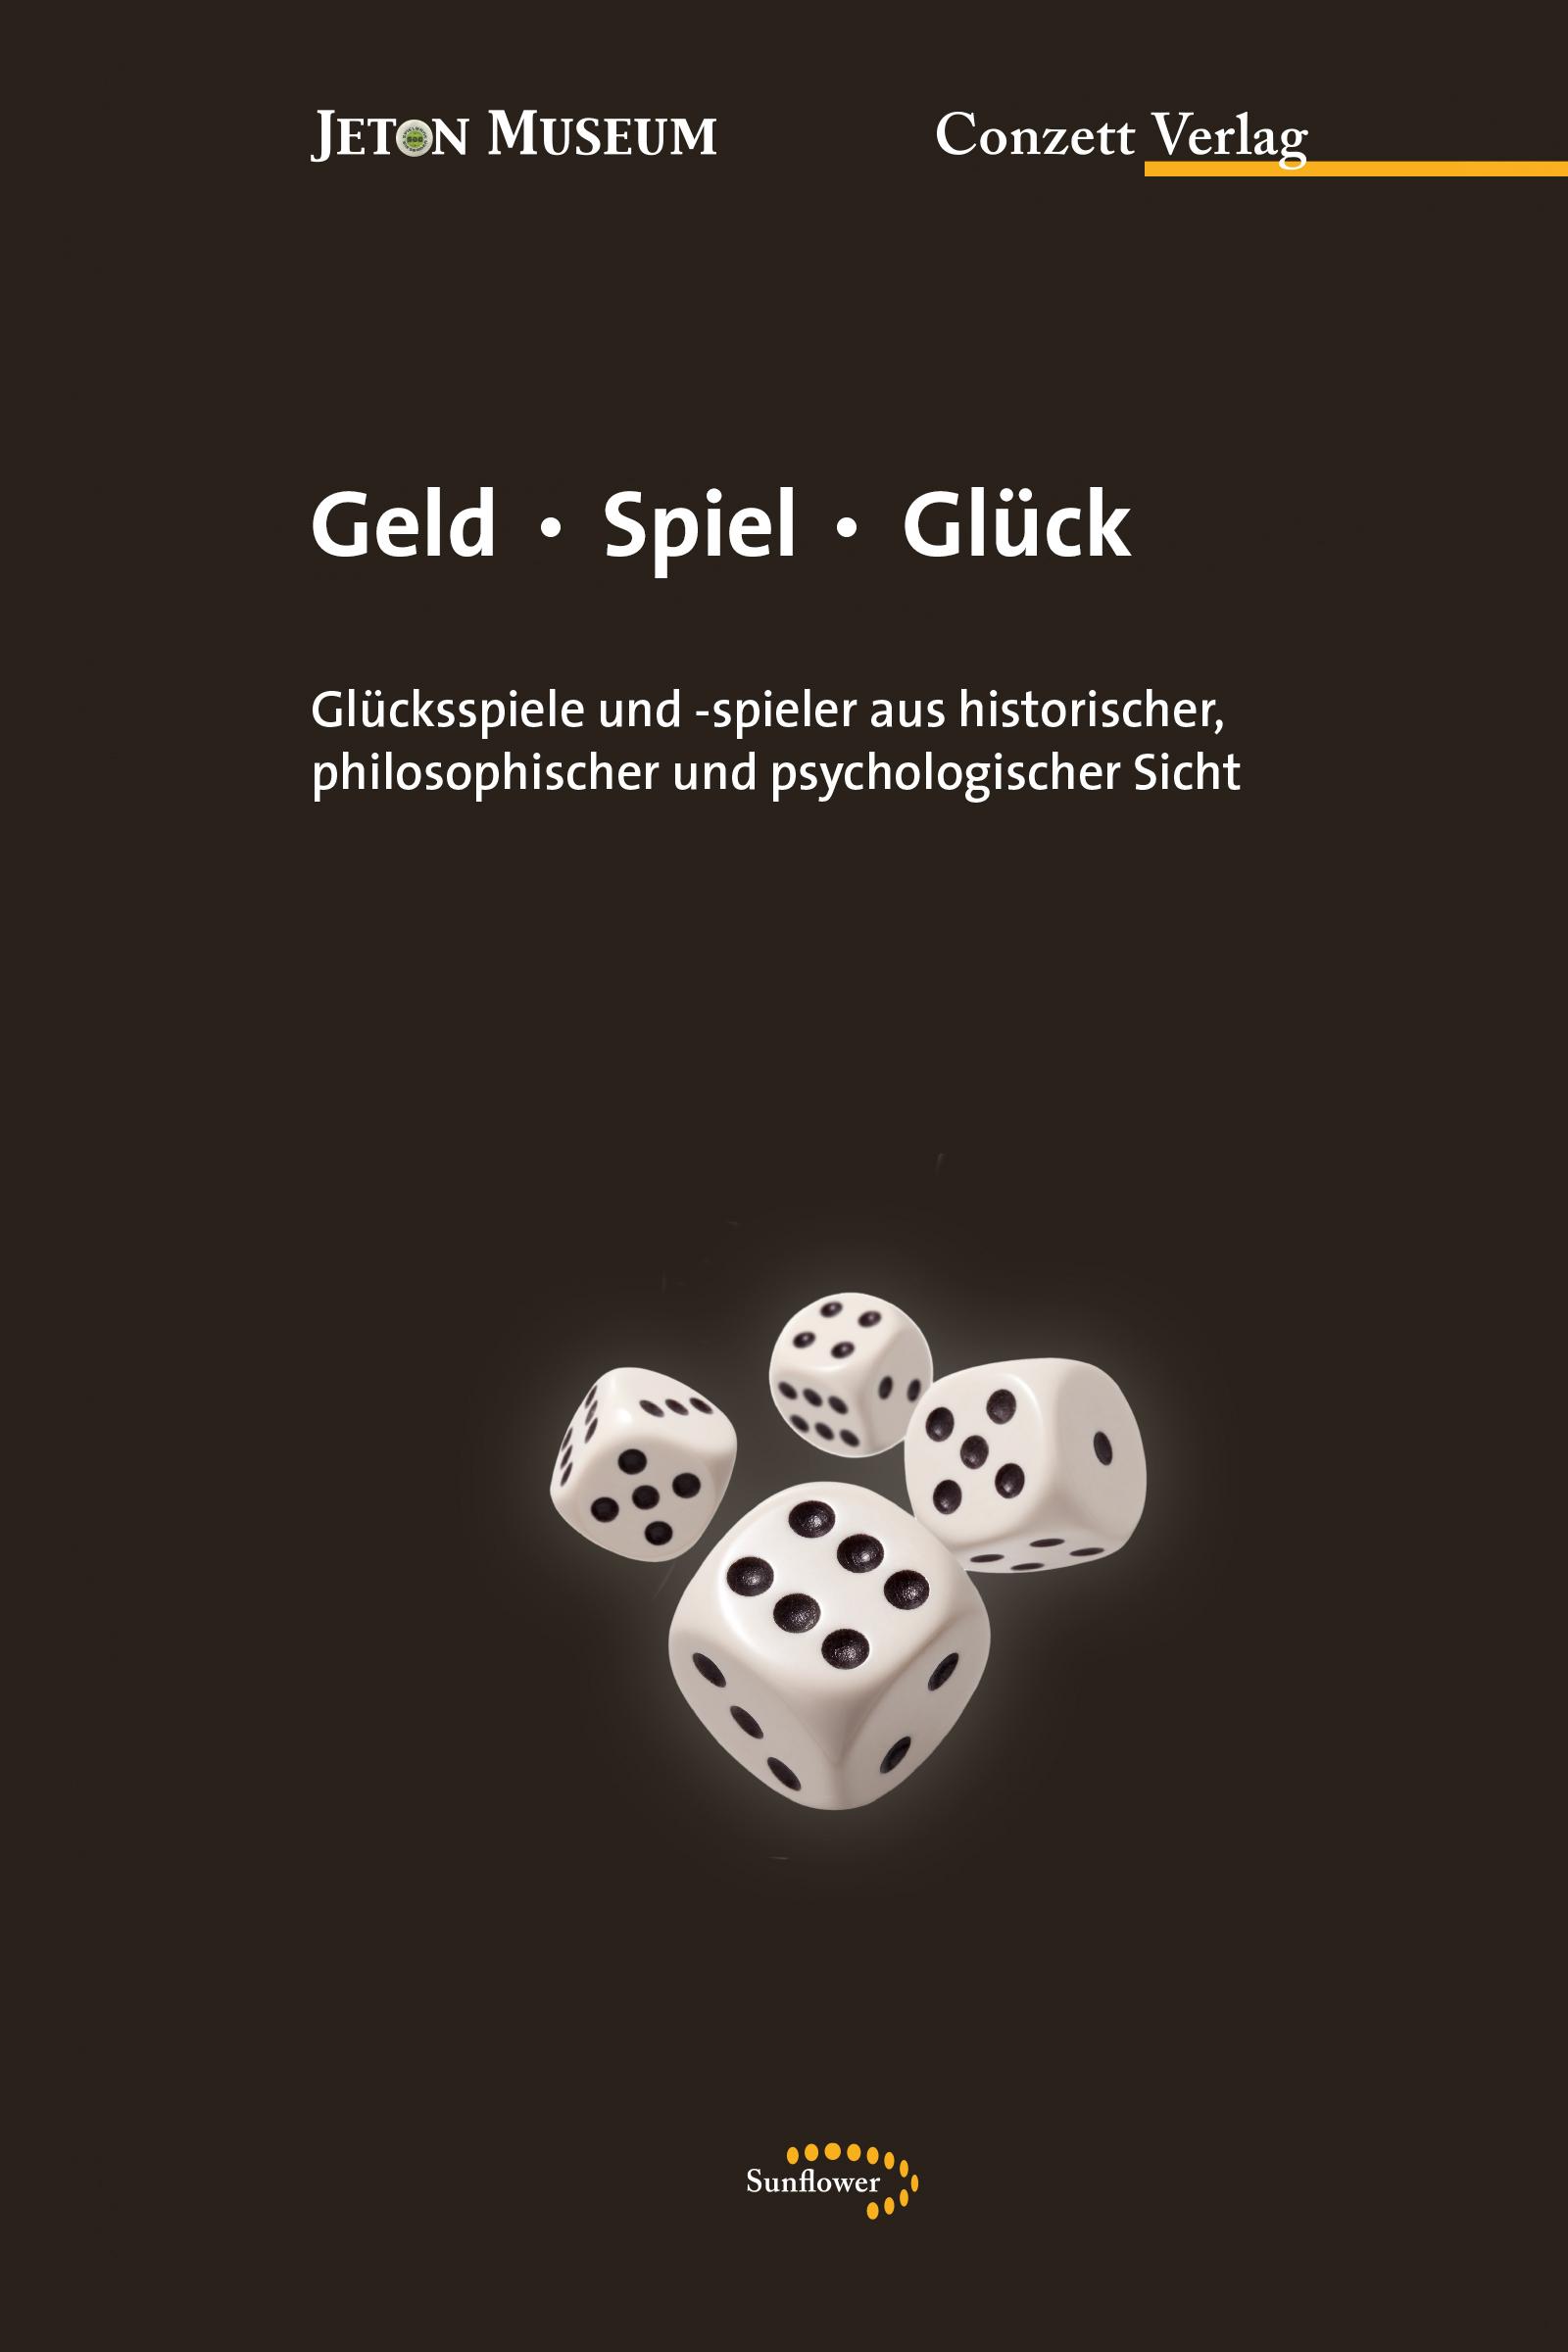 Glücksspiele und spieler aus historischer philosophischer und